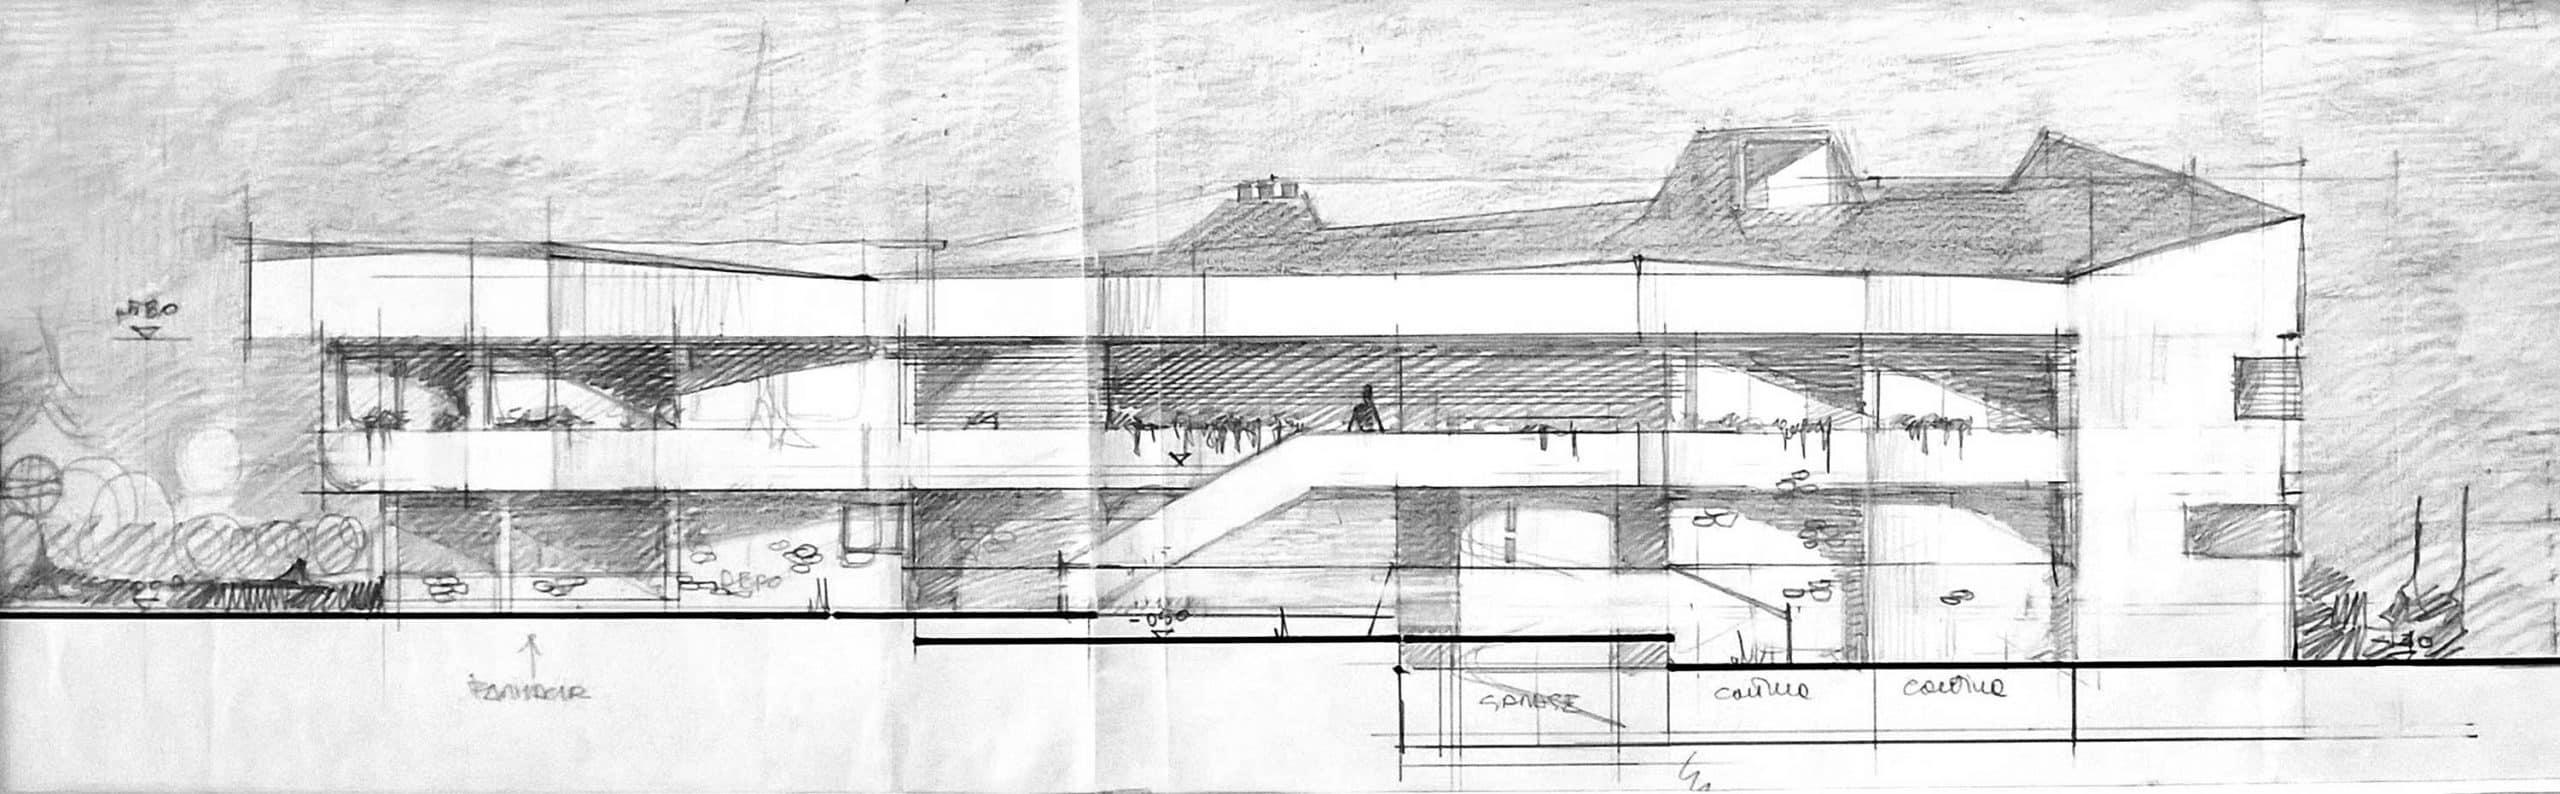 5 -  Edificio residenziale con annessa farmacia, Teggiano (SA) - Prospetto